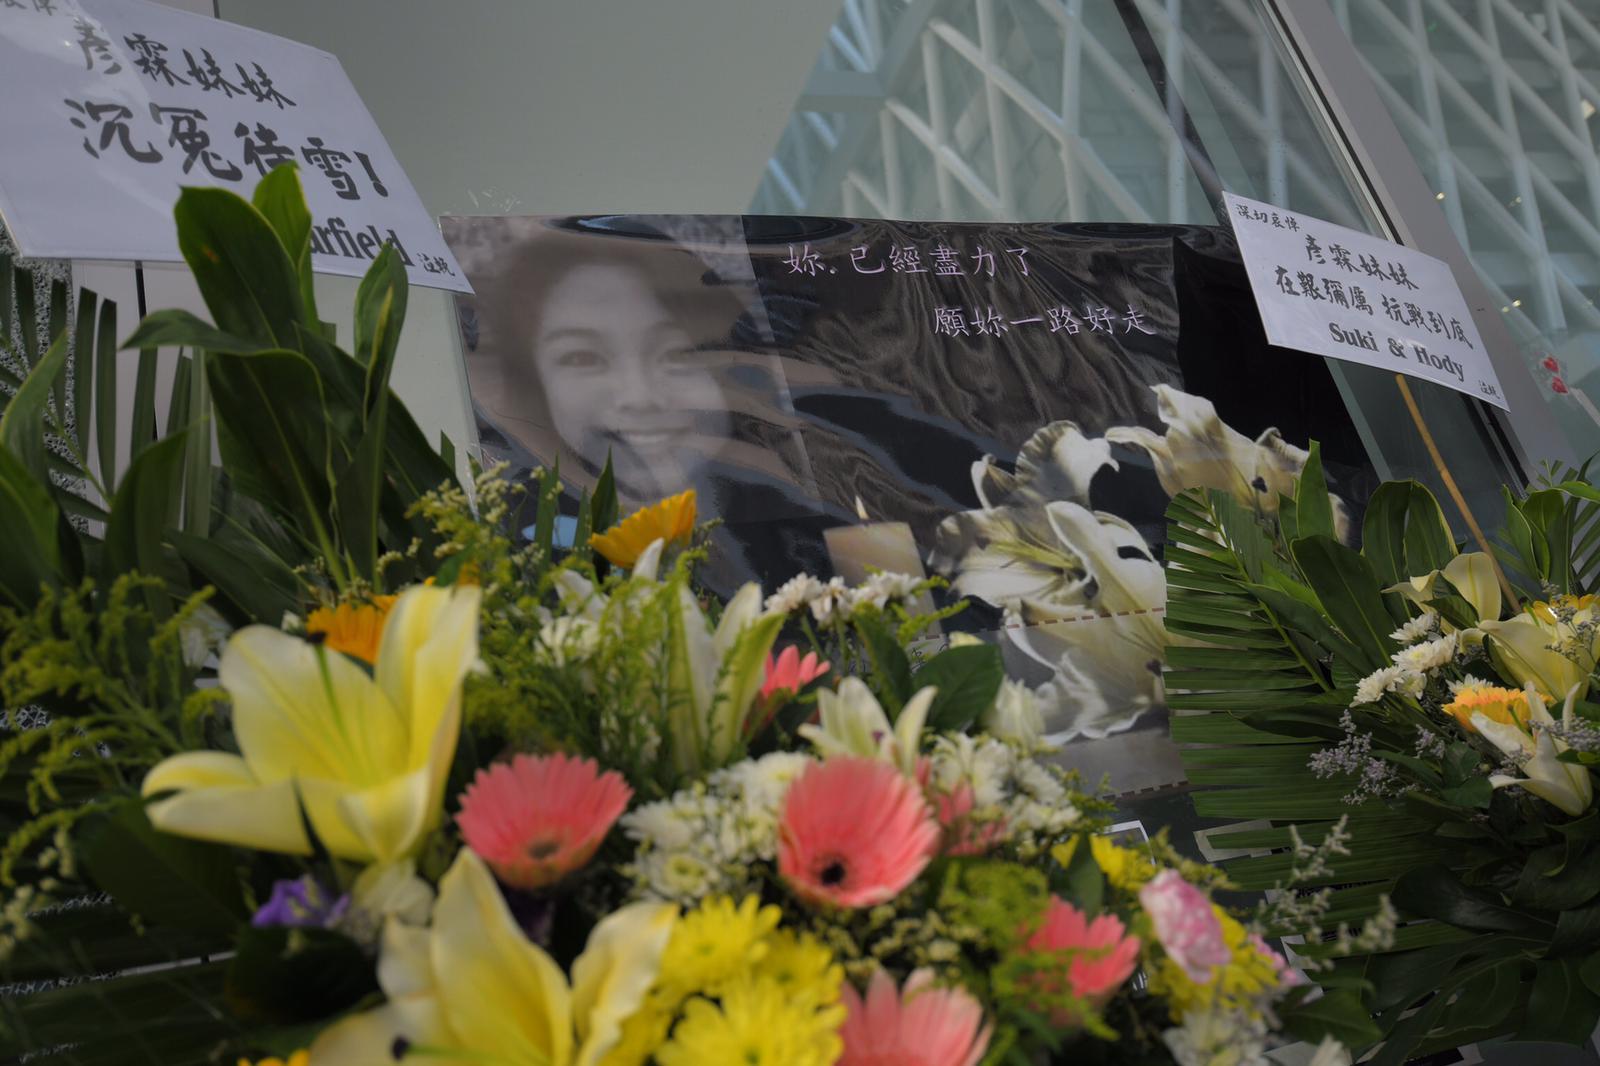 有學生及市民悼念15歲女生